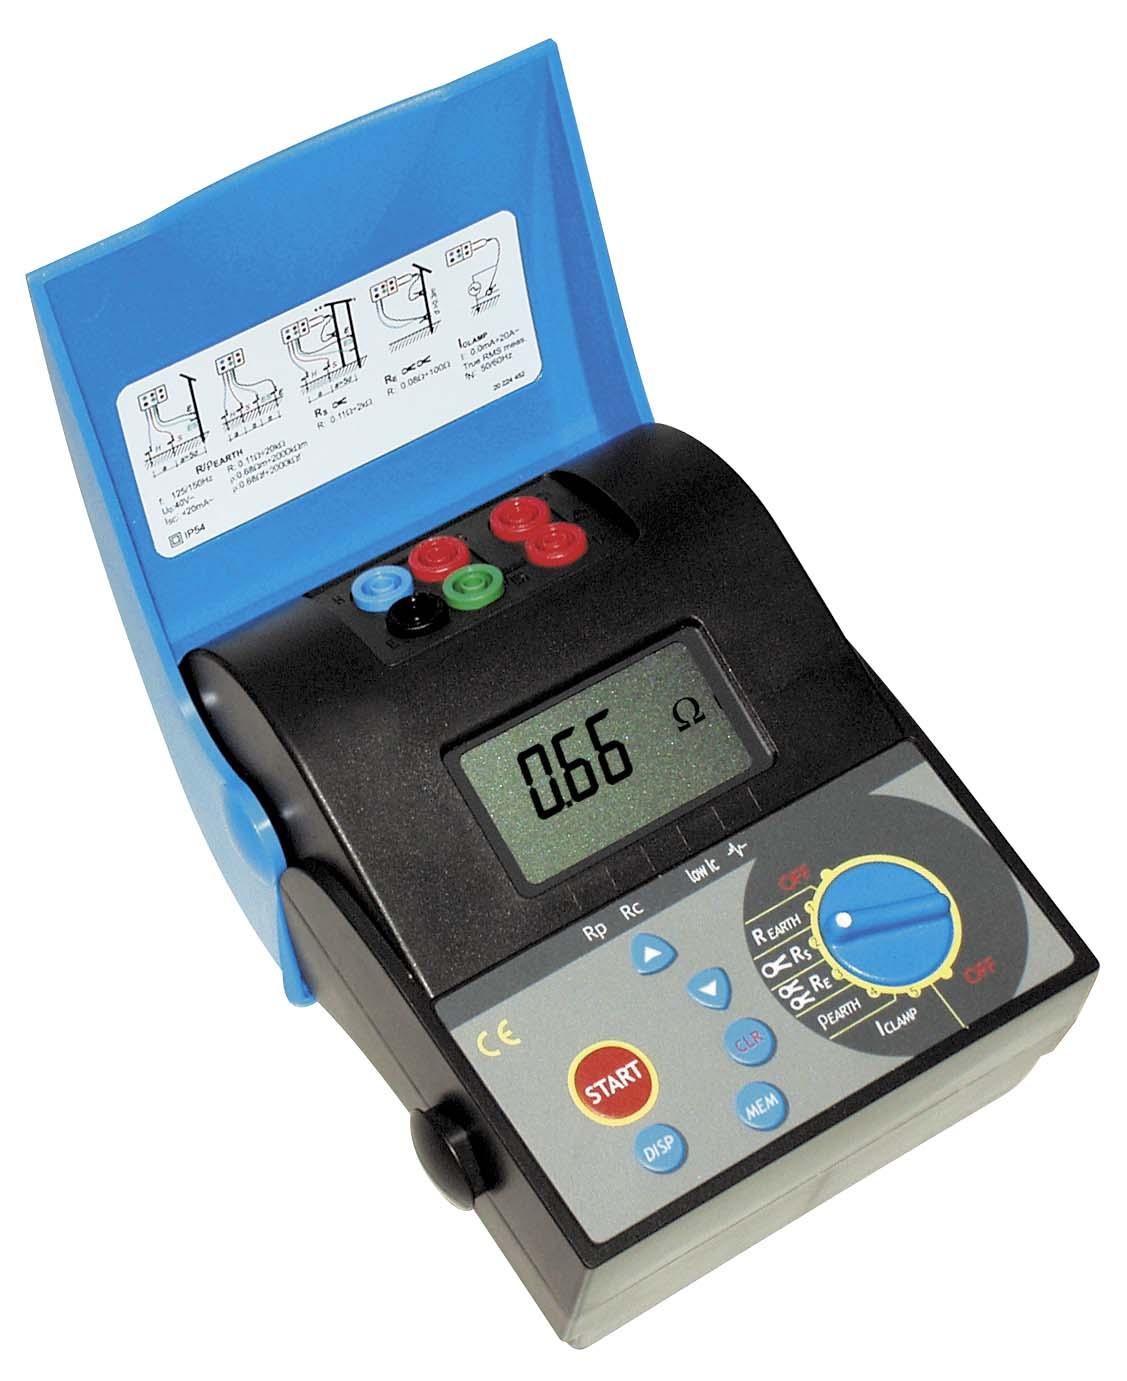 Измеритель сопротивления заземления - тестовый ток 2 мА, что позволяет измерять сопротивление без отключения схемы...